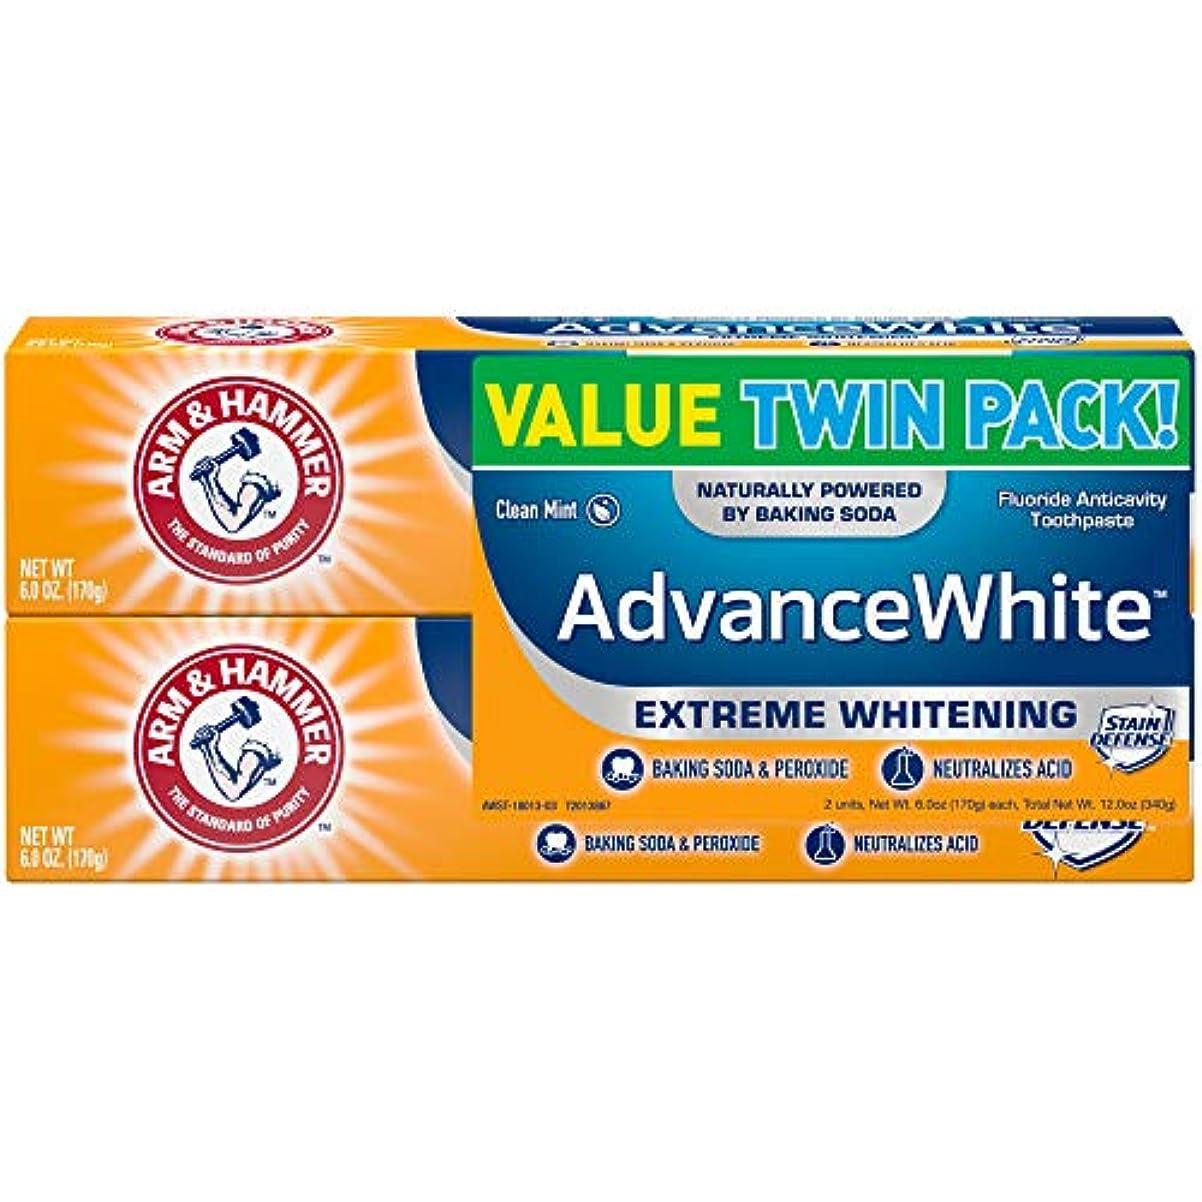 精度評価するペンArm & Hammer アーム&ハマー アドバンス ホワイト 歯磨き粉 2個パック Toothpaste with Baking Soda & Peroxide